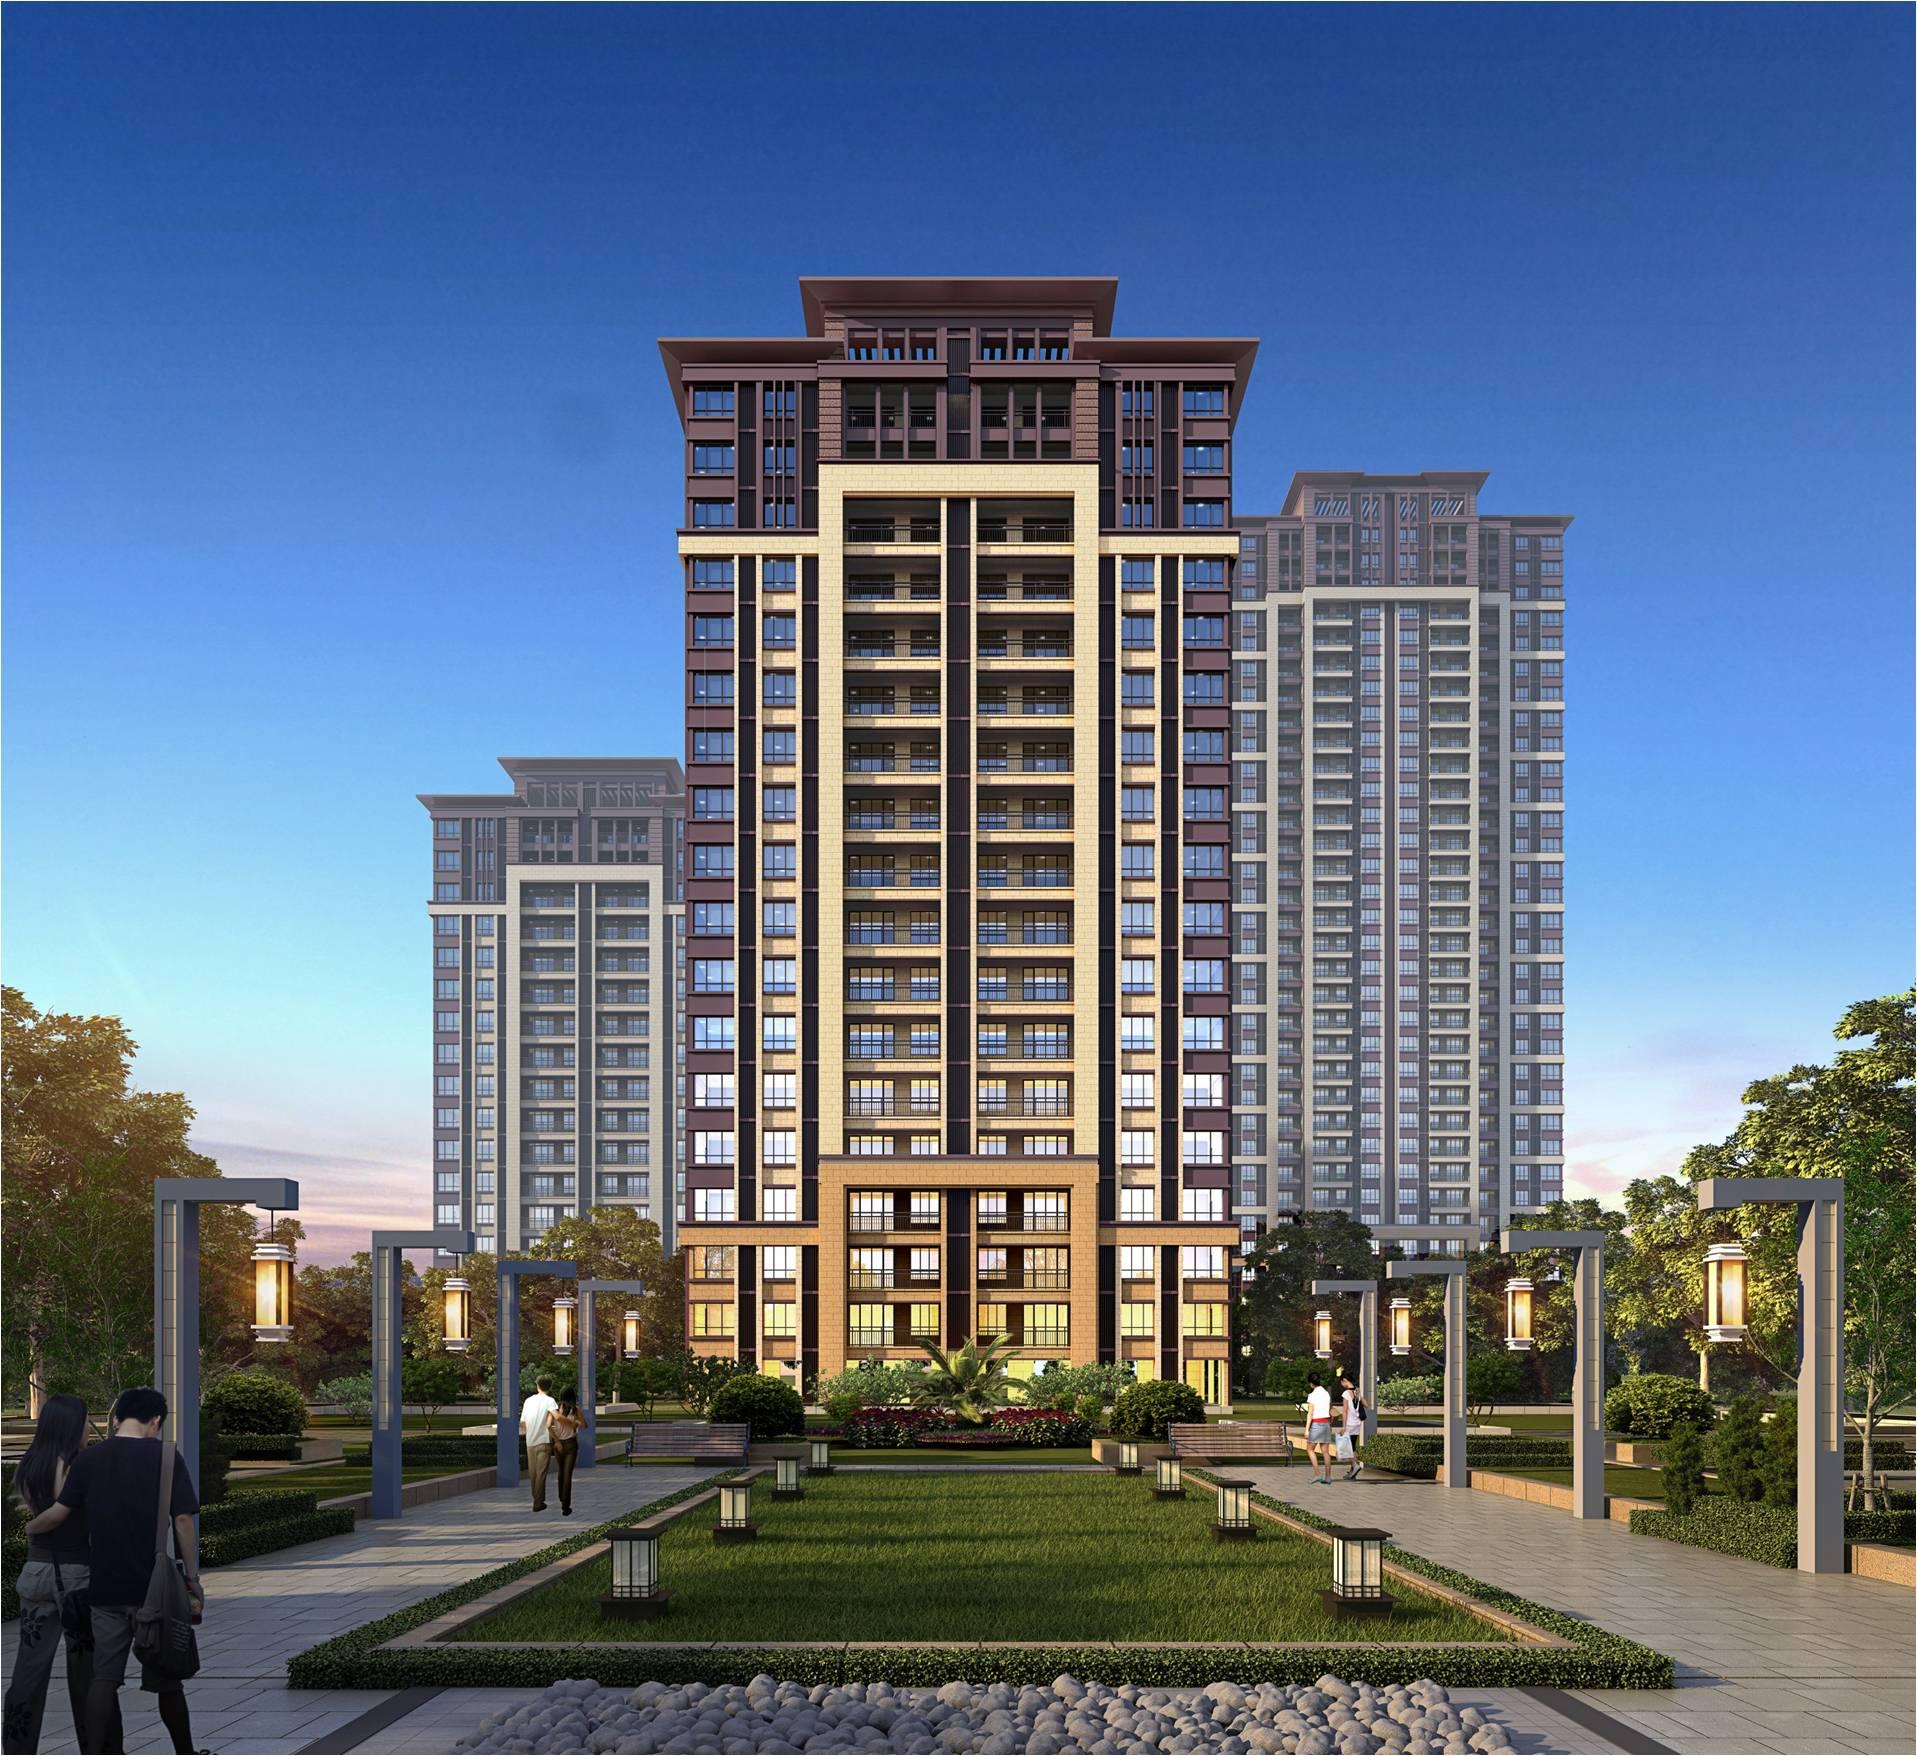 新亚洲风格建筑_董先生最为倾心路劲时代城的新亚洲建筑风格.